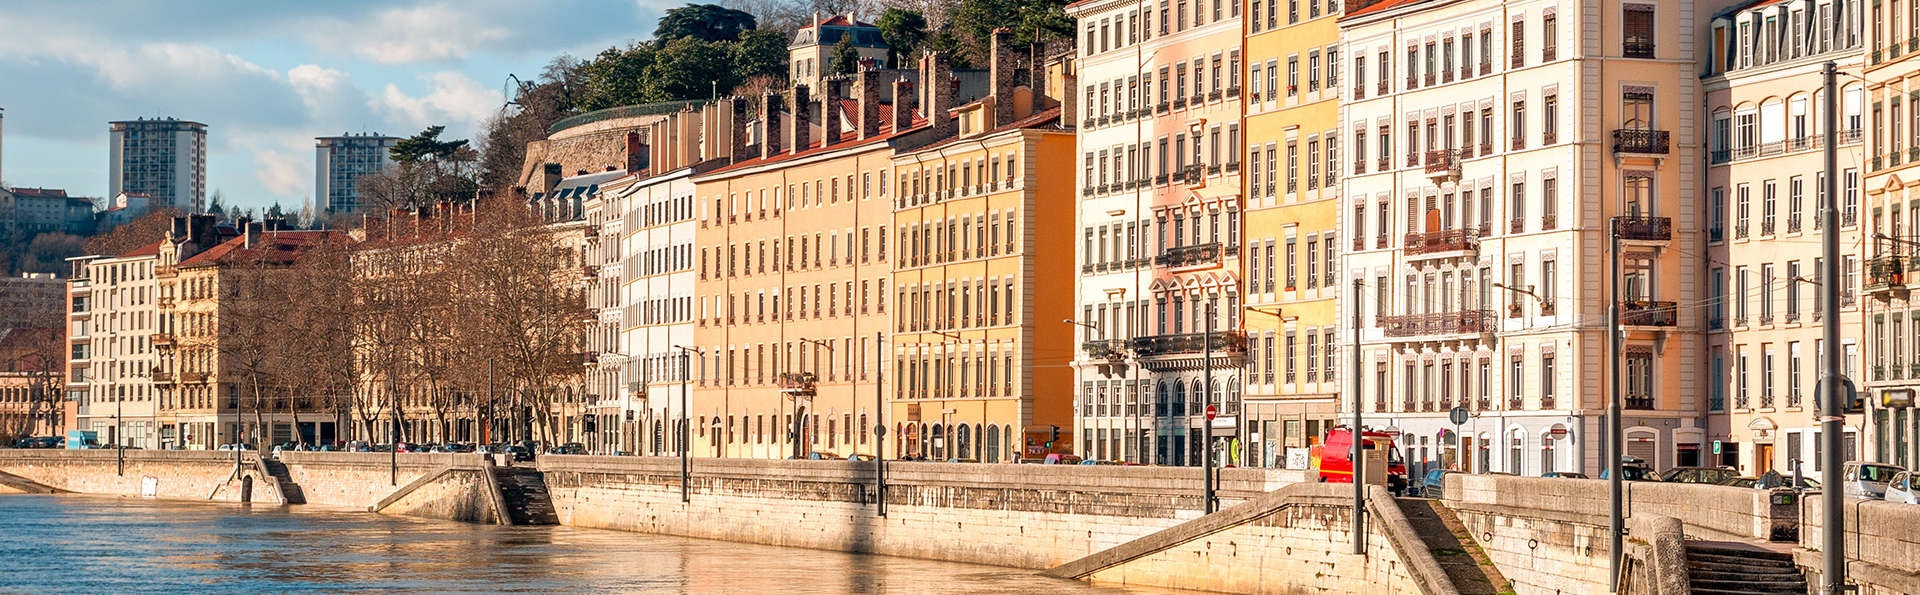 Séjournez dans un hôtel design au bord des berges du Rhône